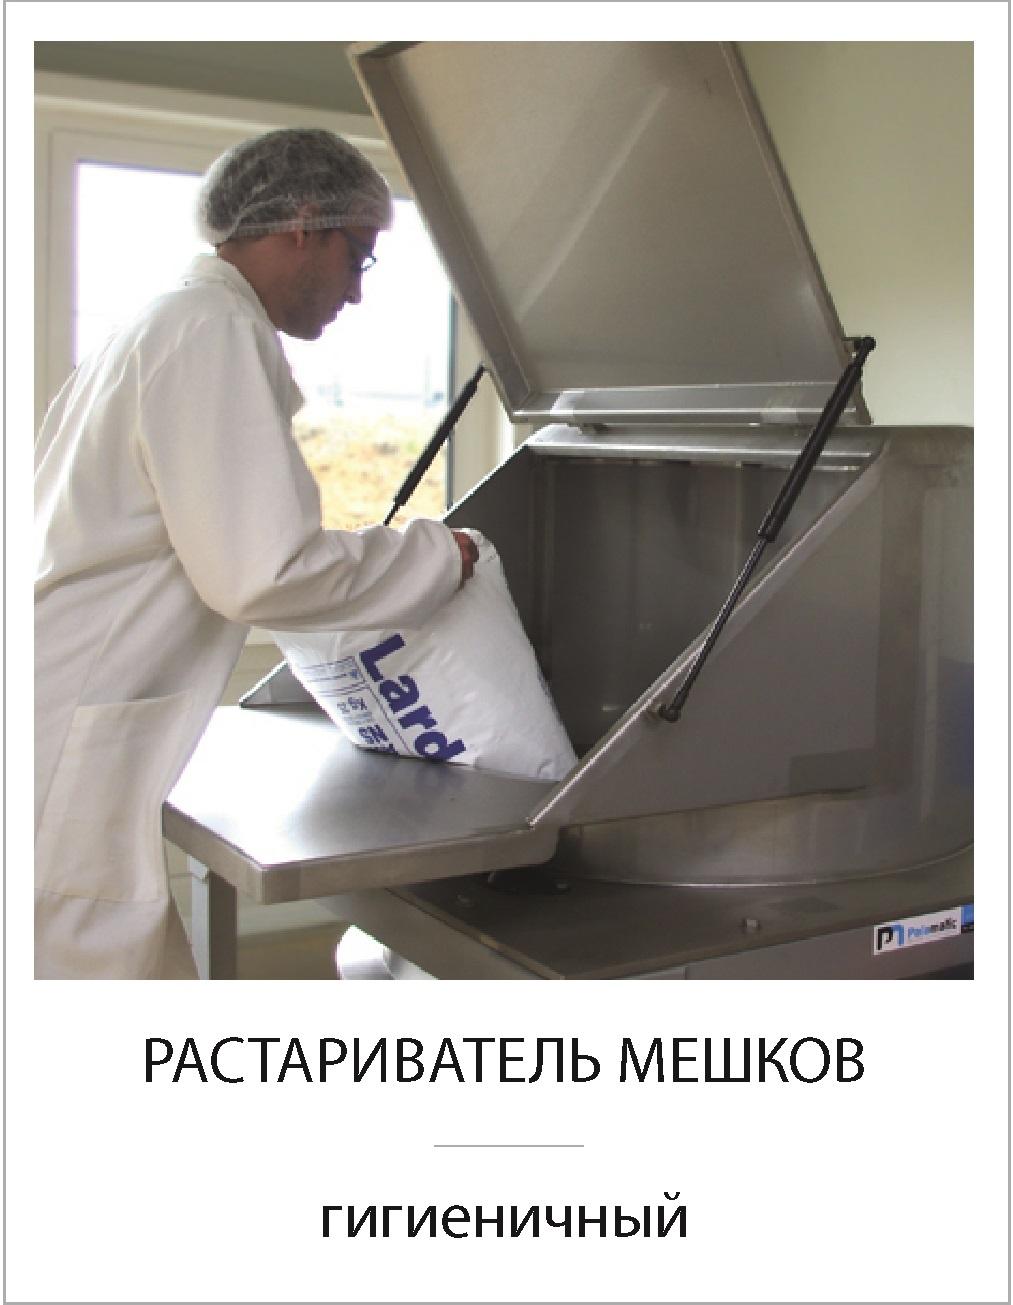 RASTARIVATEL_MEShKOV_gigienichnyy.jpg